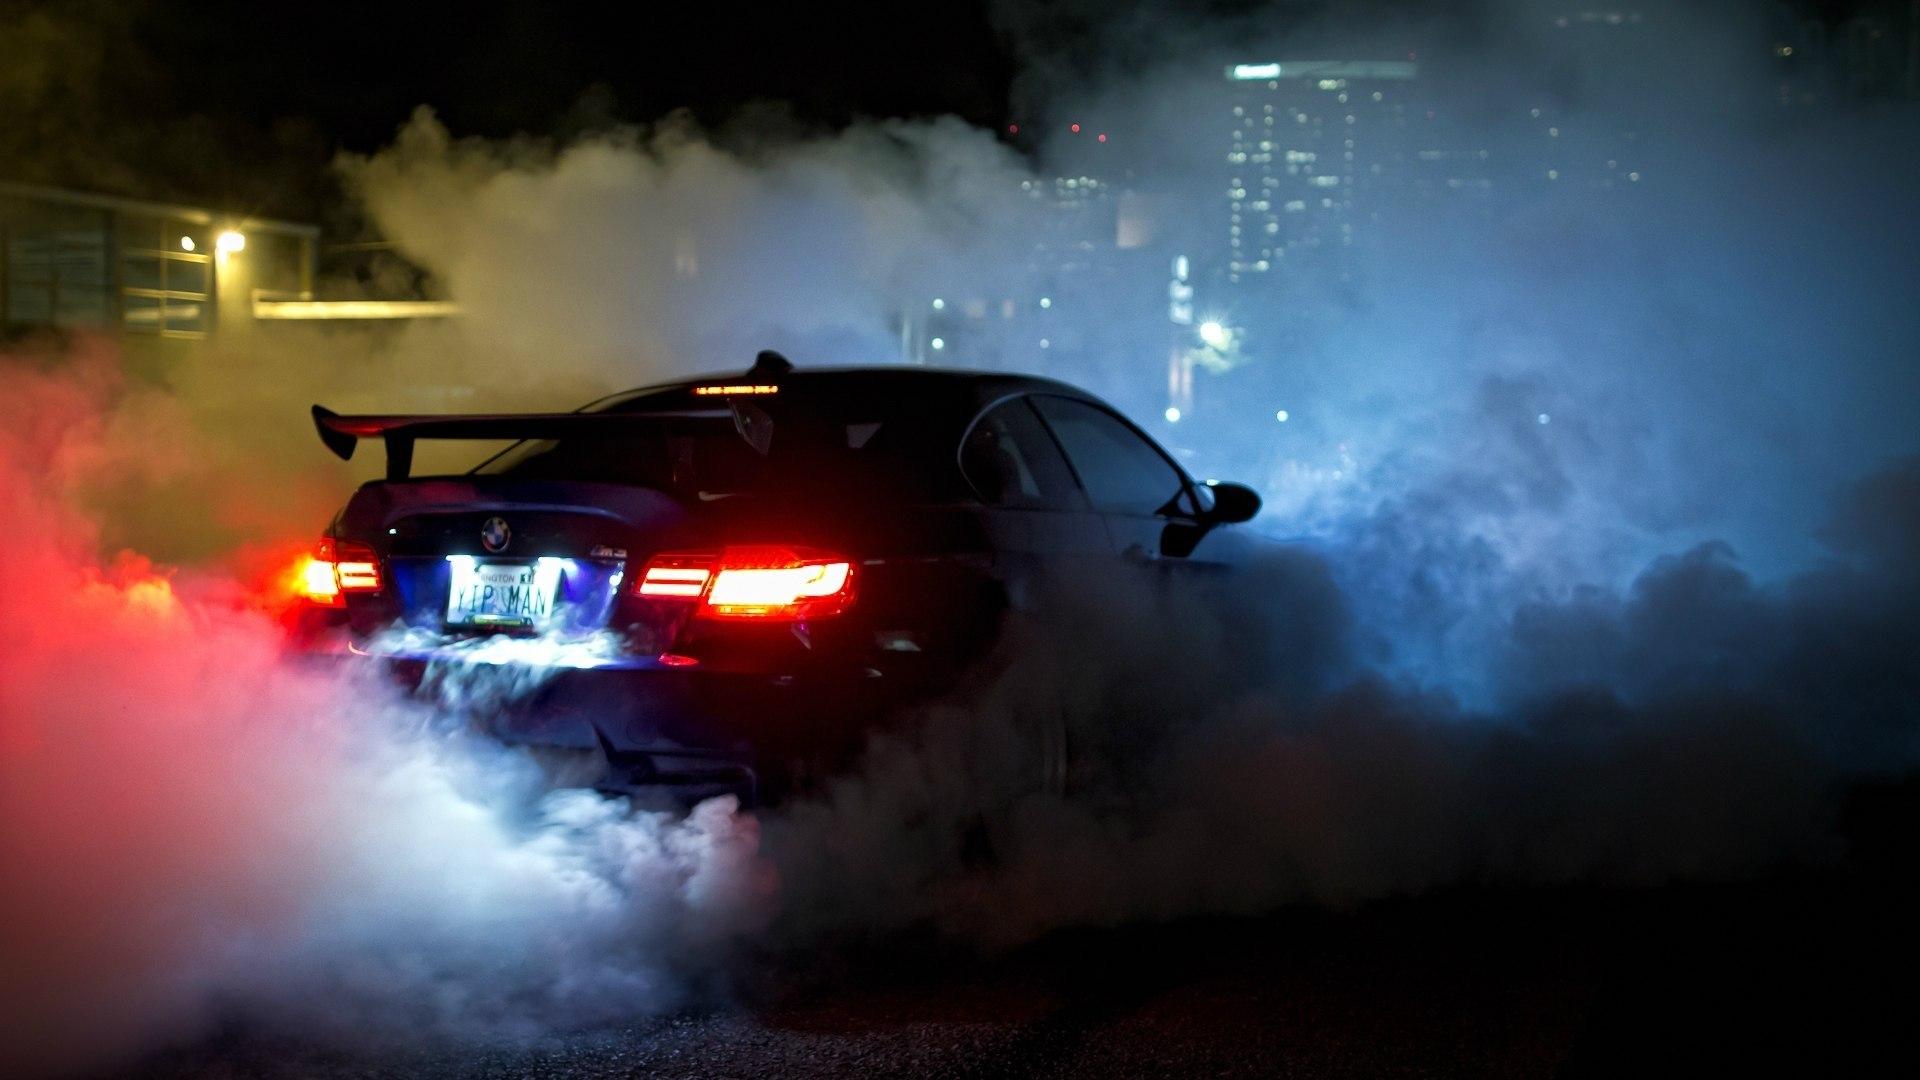 22918 Hintergrundbild herunterladen Auto, Transport, Bmw - Bildschirmschoner und Bilder kostenlos